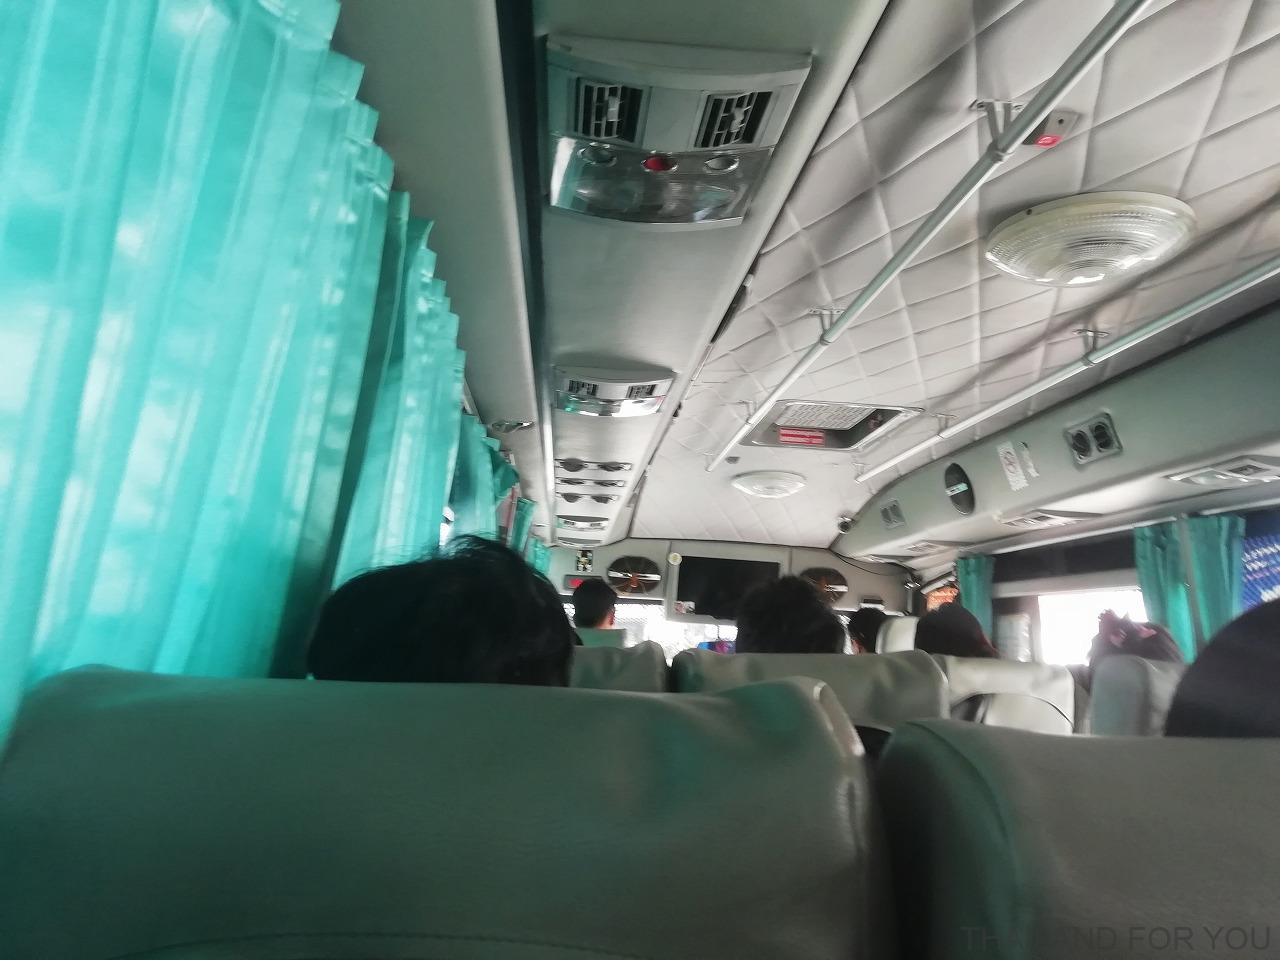 ムクダハーン バスターミナル バス